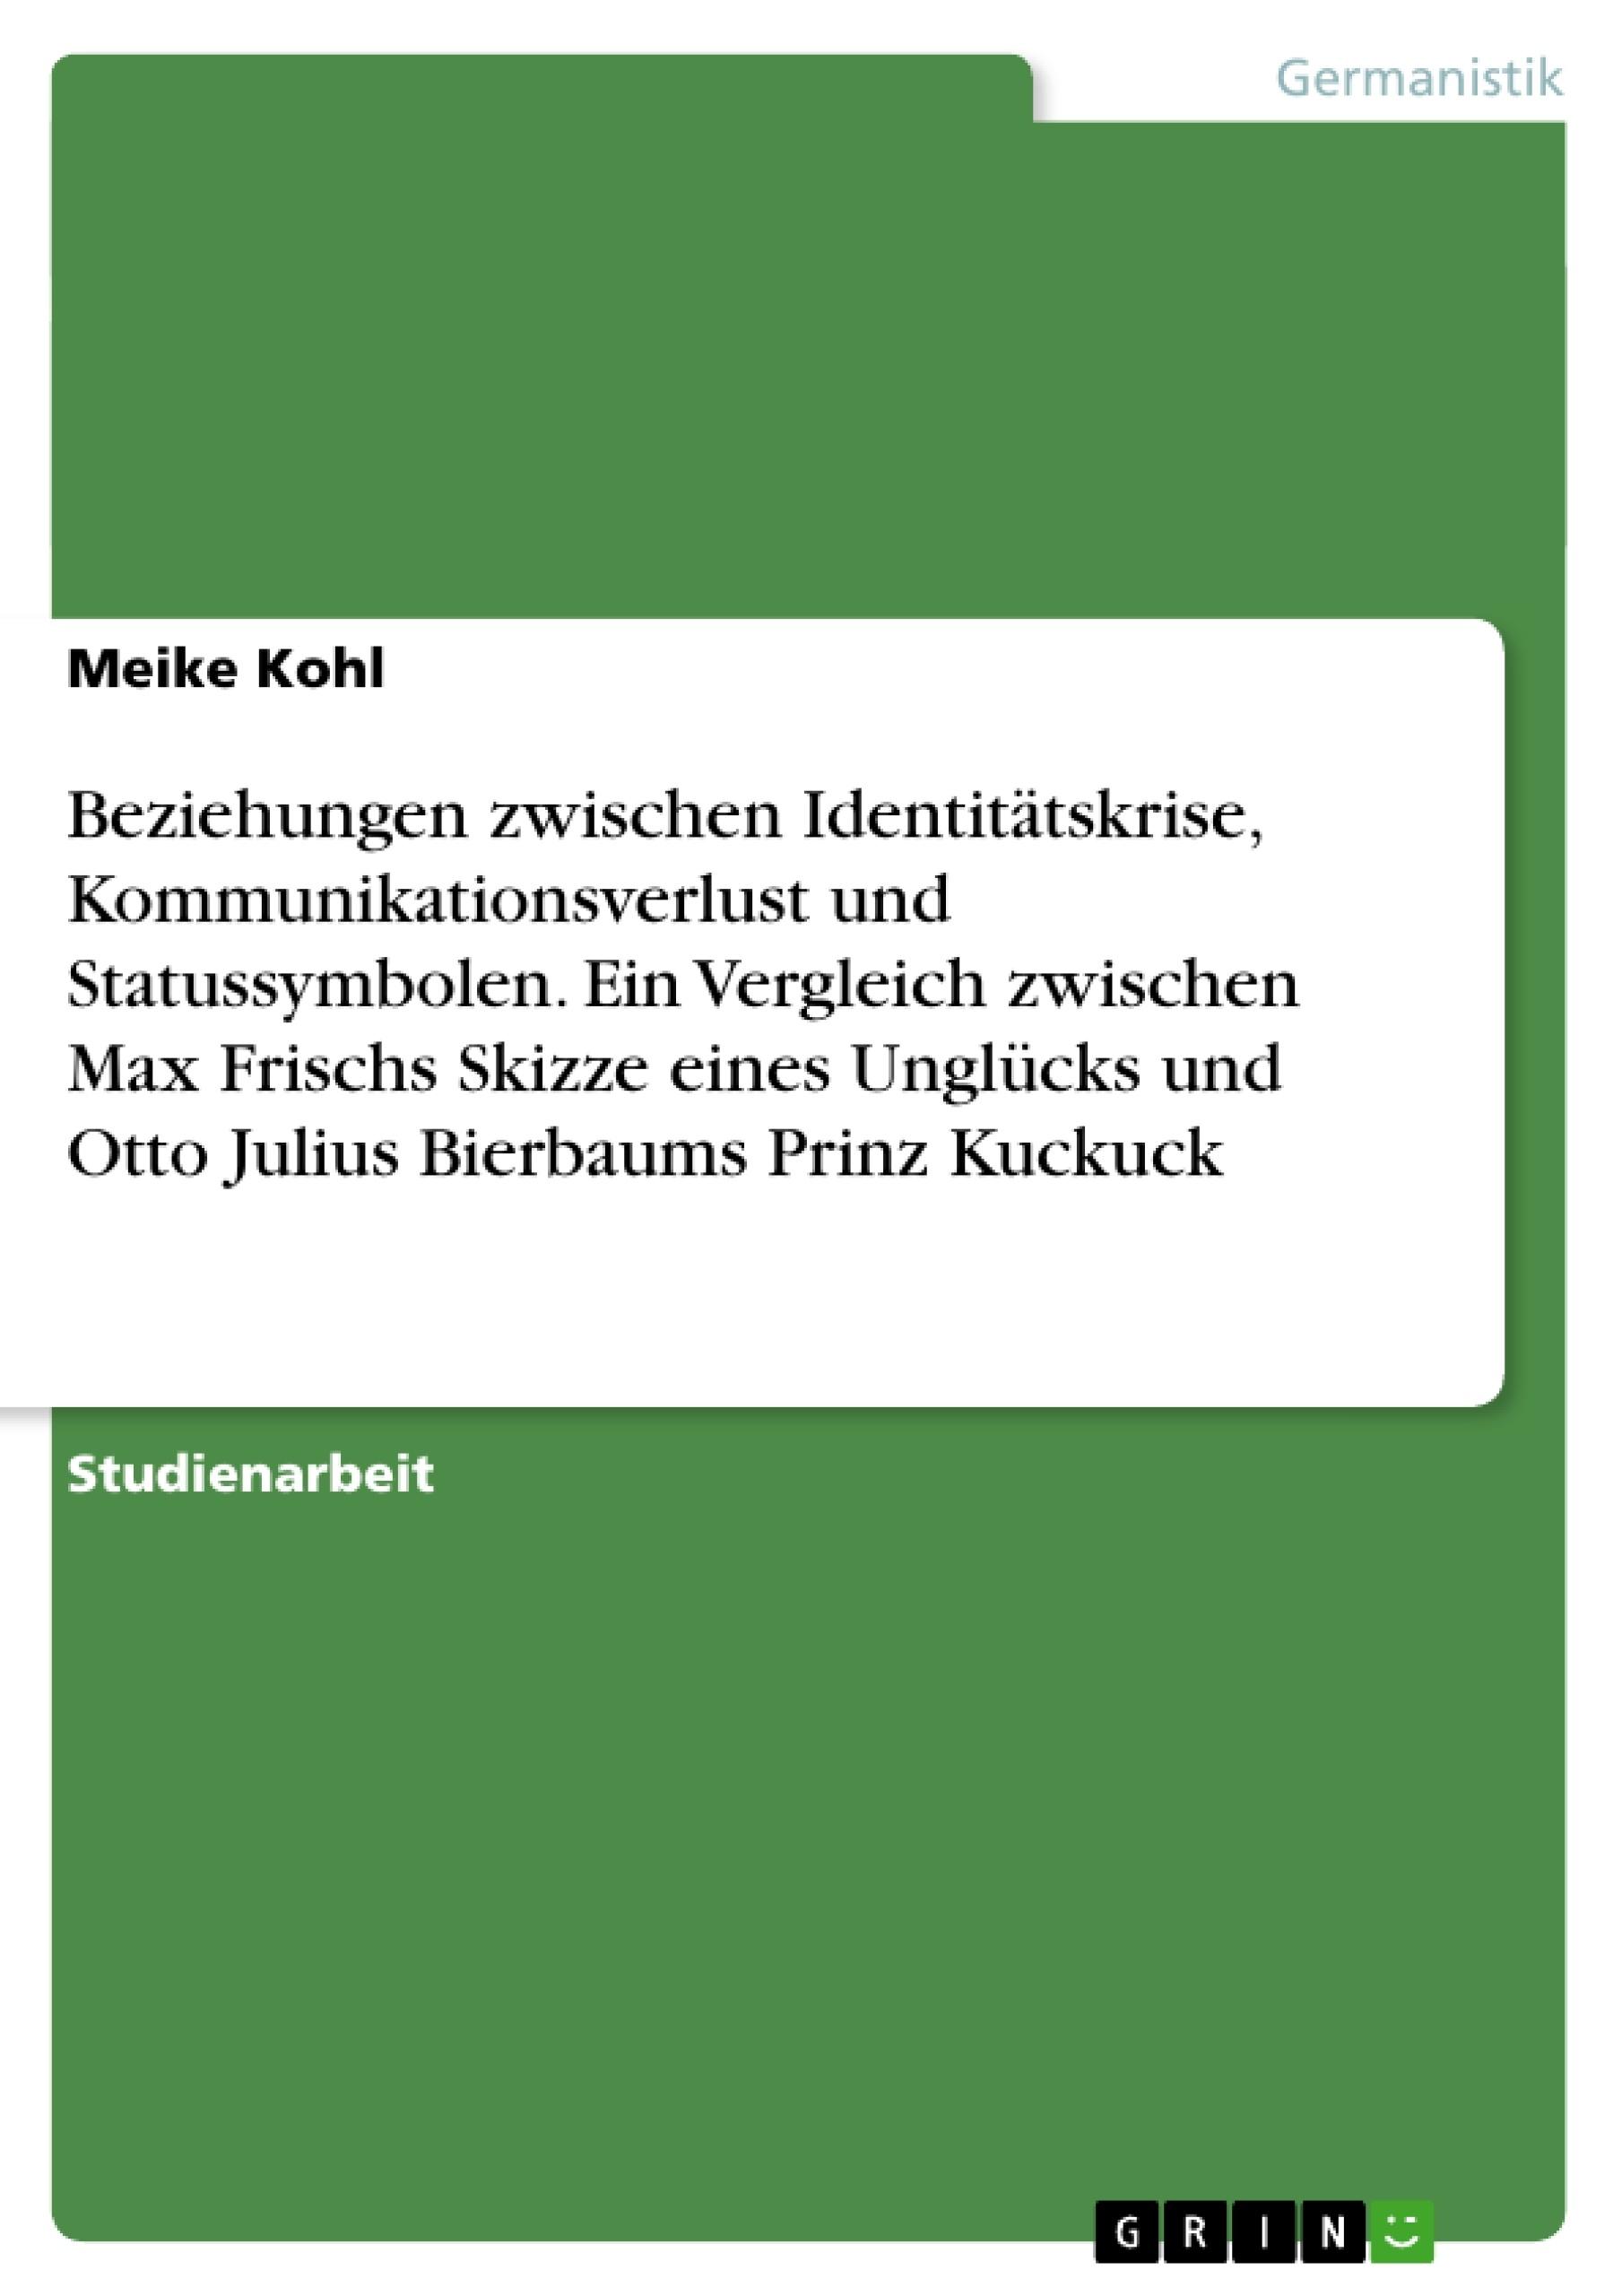 Titel: Beziehungen zwischen Identitätskrise, Kommunikationsverlust und Statussymbolen. Ein Vergleich zwischen Max Frischs Skizze eines Unglücks und Otto Julius Bierbaums Prinz Kuckuck